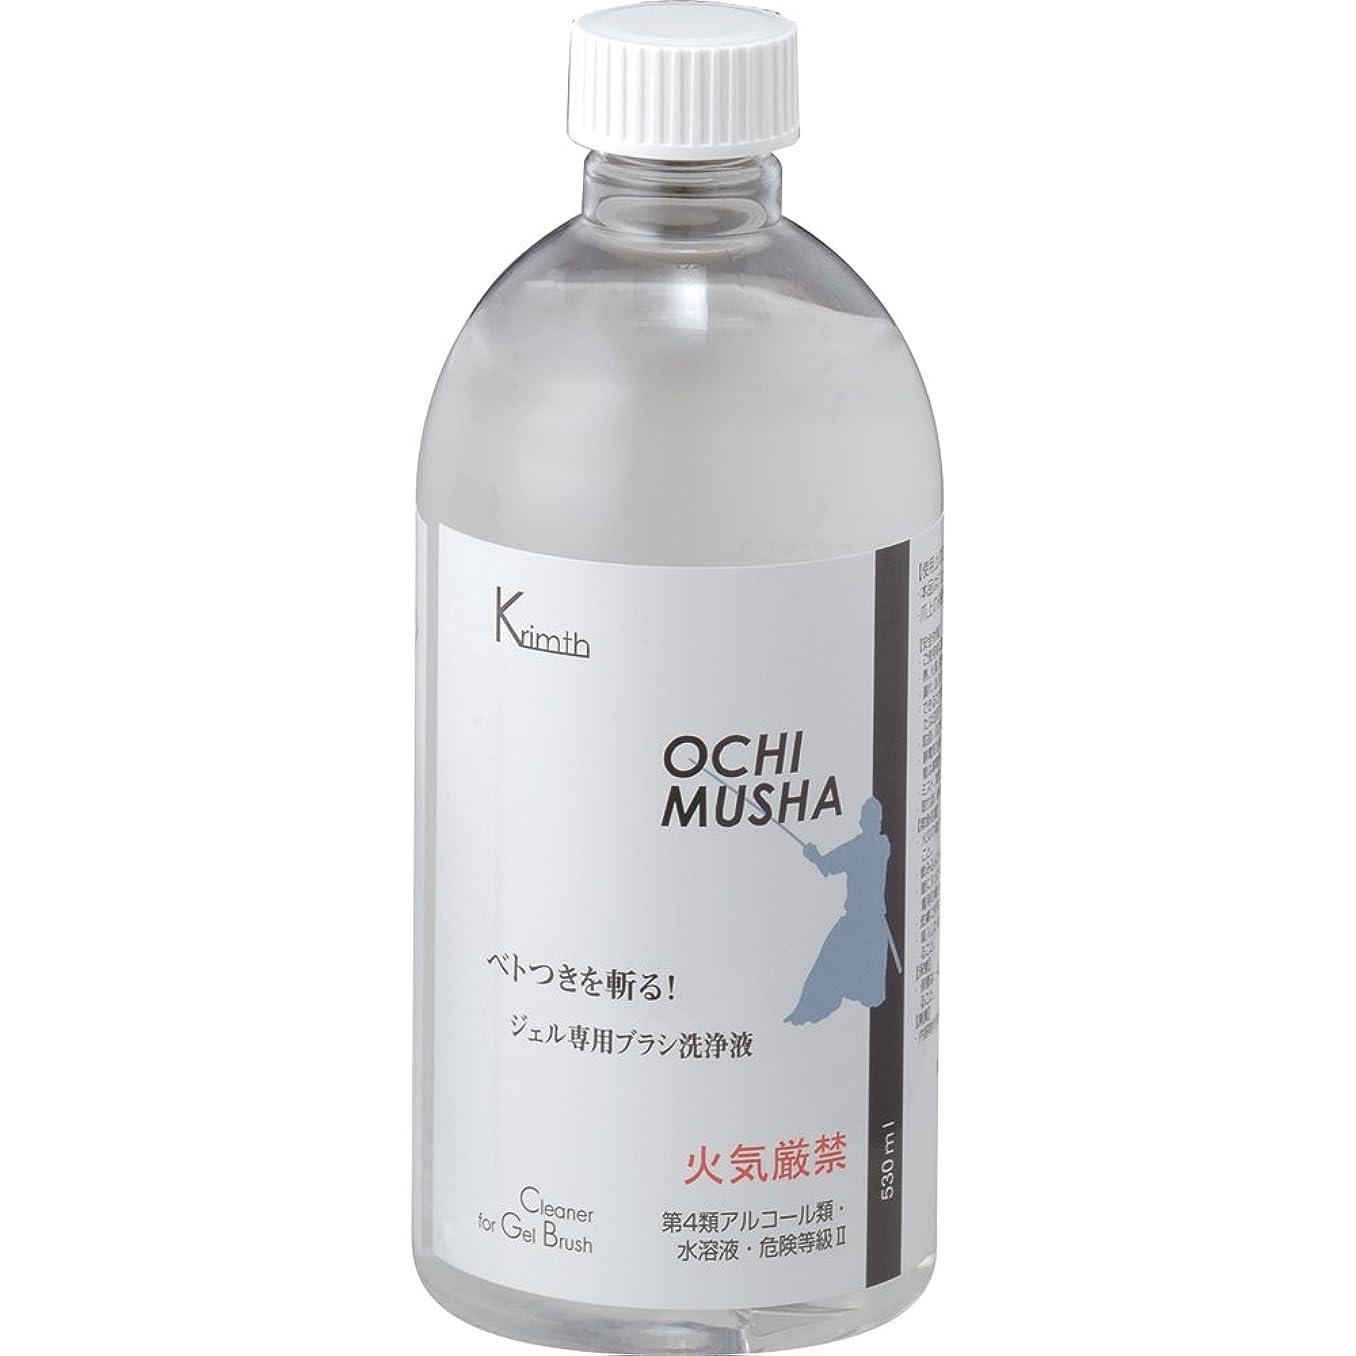 剥離検出可能賛美歌Krimth Ochimusha 530ml